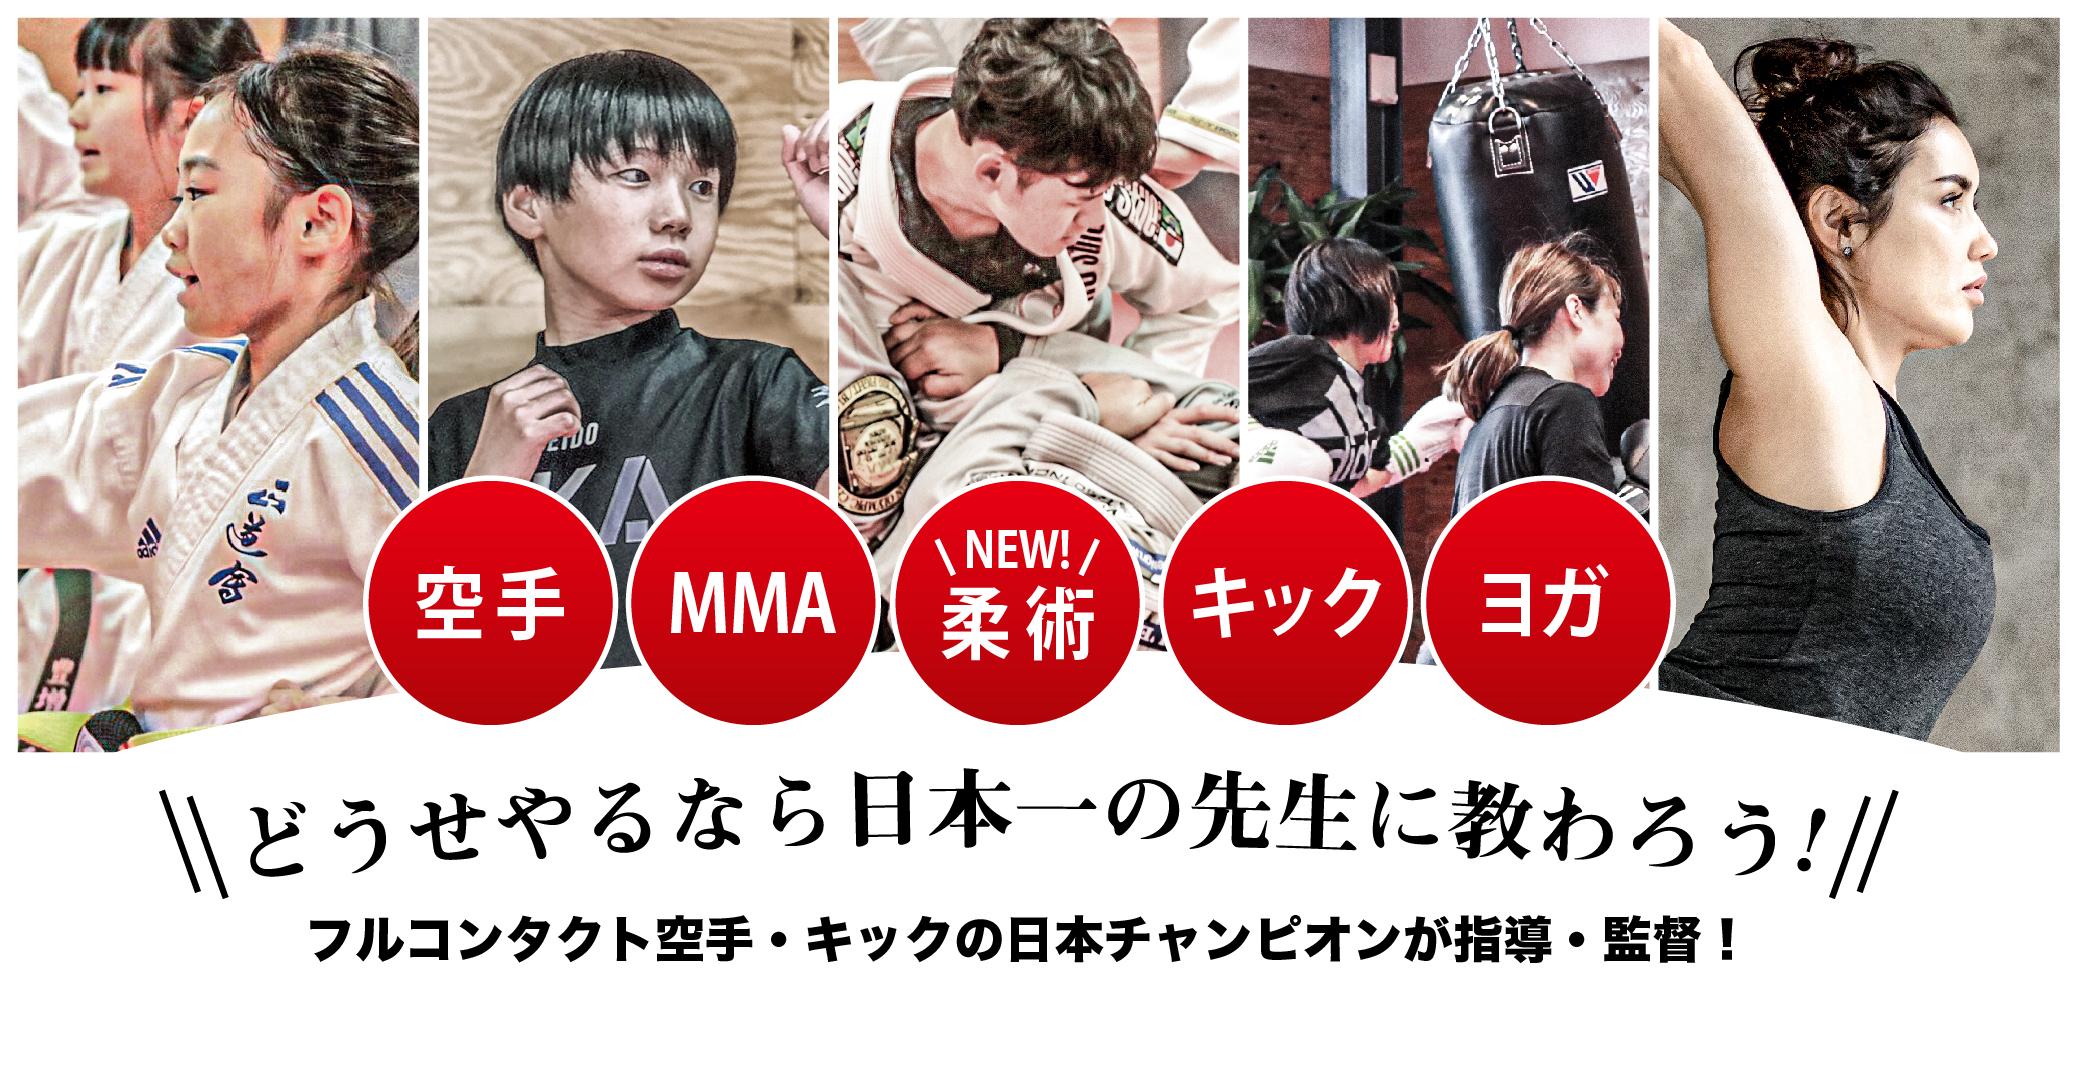 空手、MMA、柔術、キック、ヨガ どうせやるなら日本一の先生に教わろう!フルコンタクト空手・キックの日本チャンピオンが指導・監督!